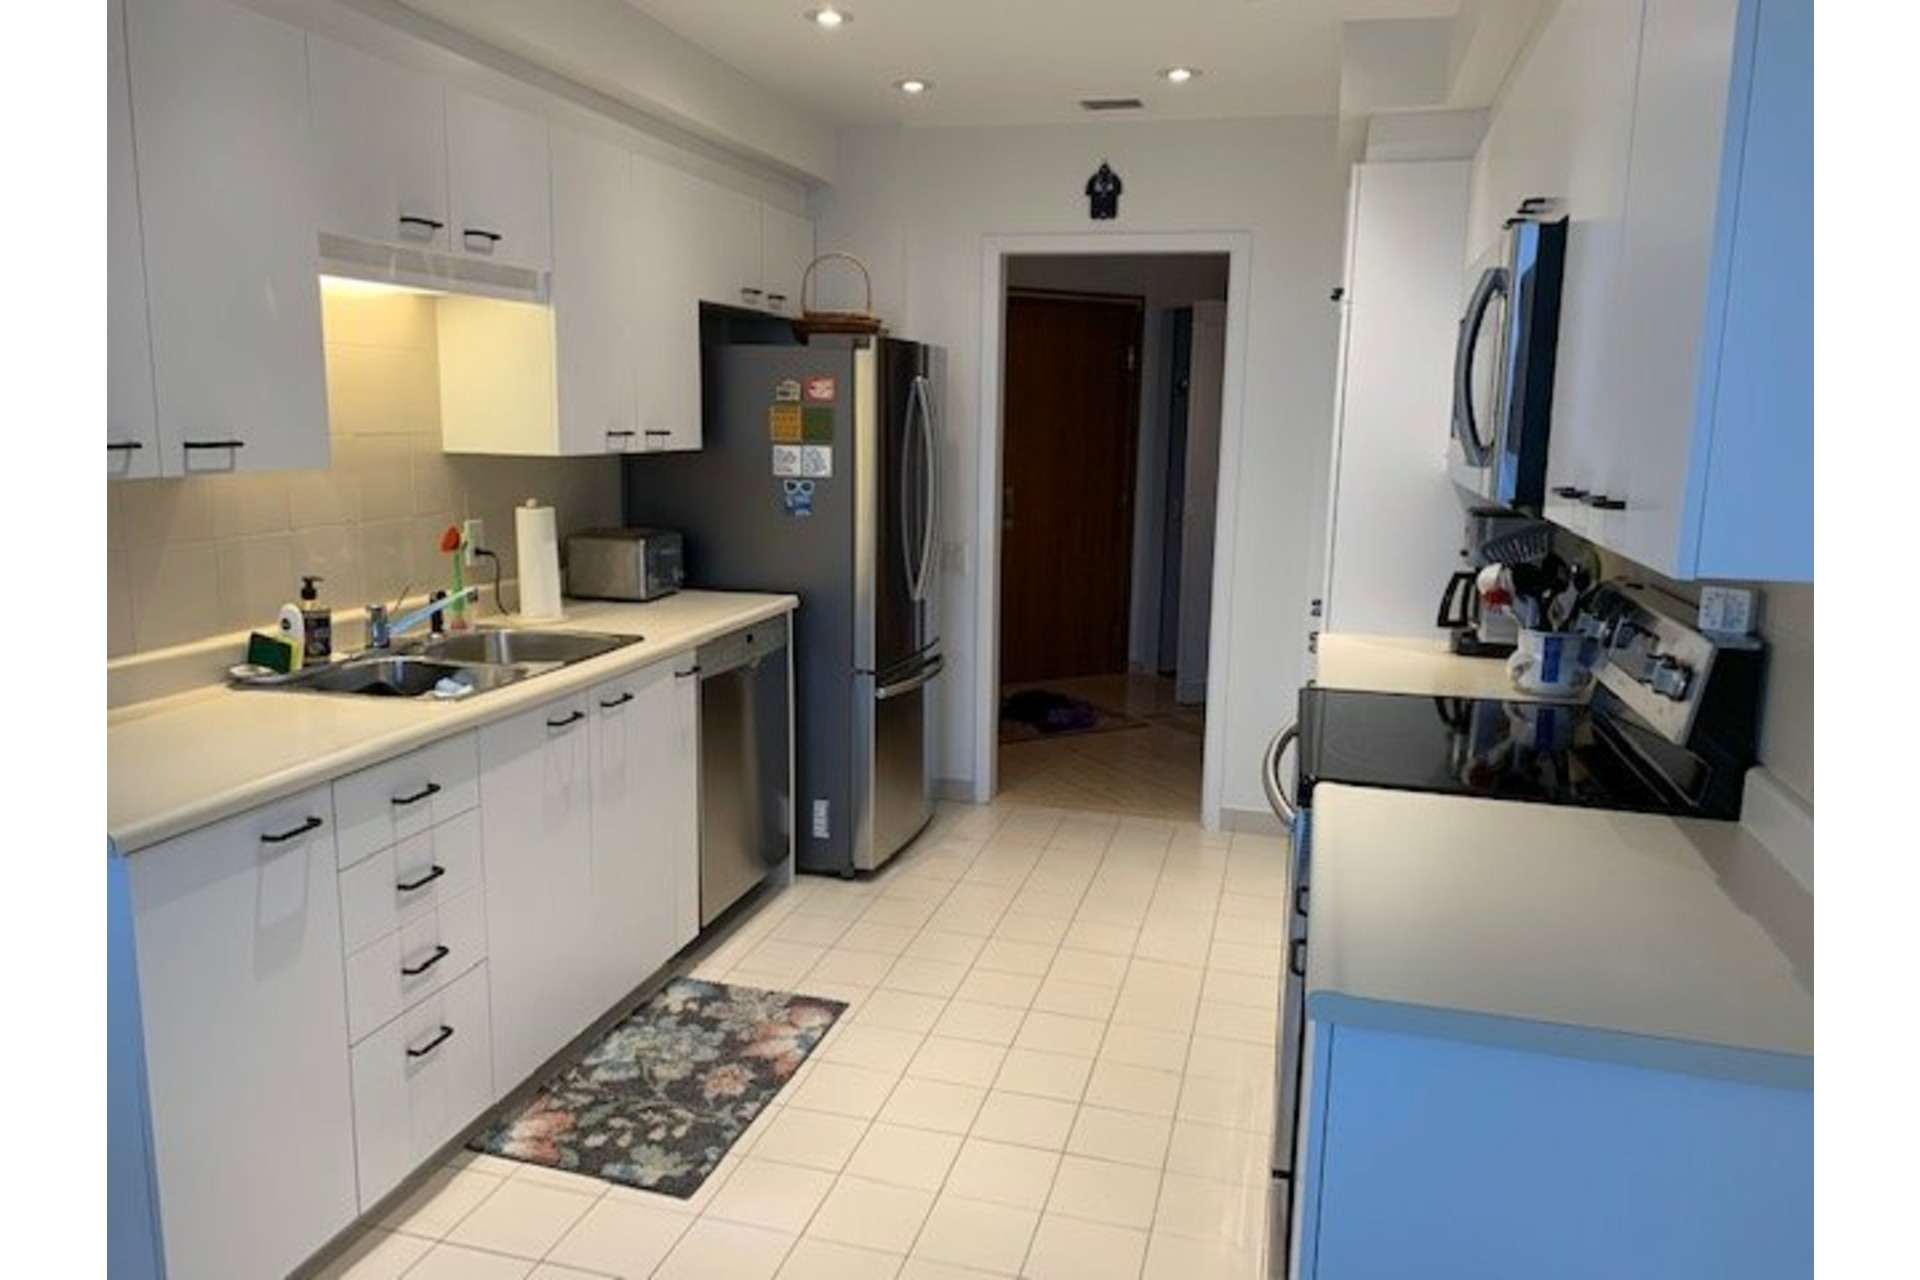 image 25 - Apartment For sale Côte-des-Neiges/Notre-Dame-de-Grâce Montréal  - 5 rooms